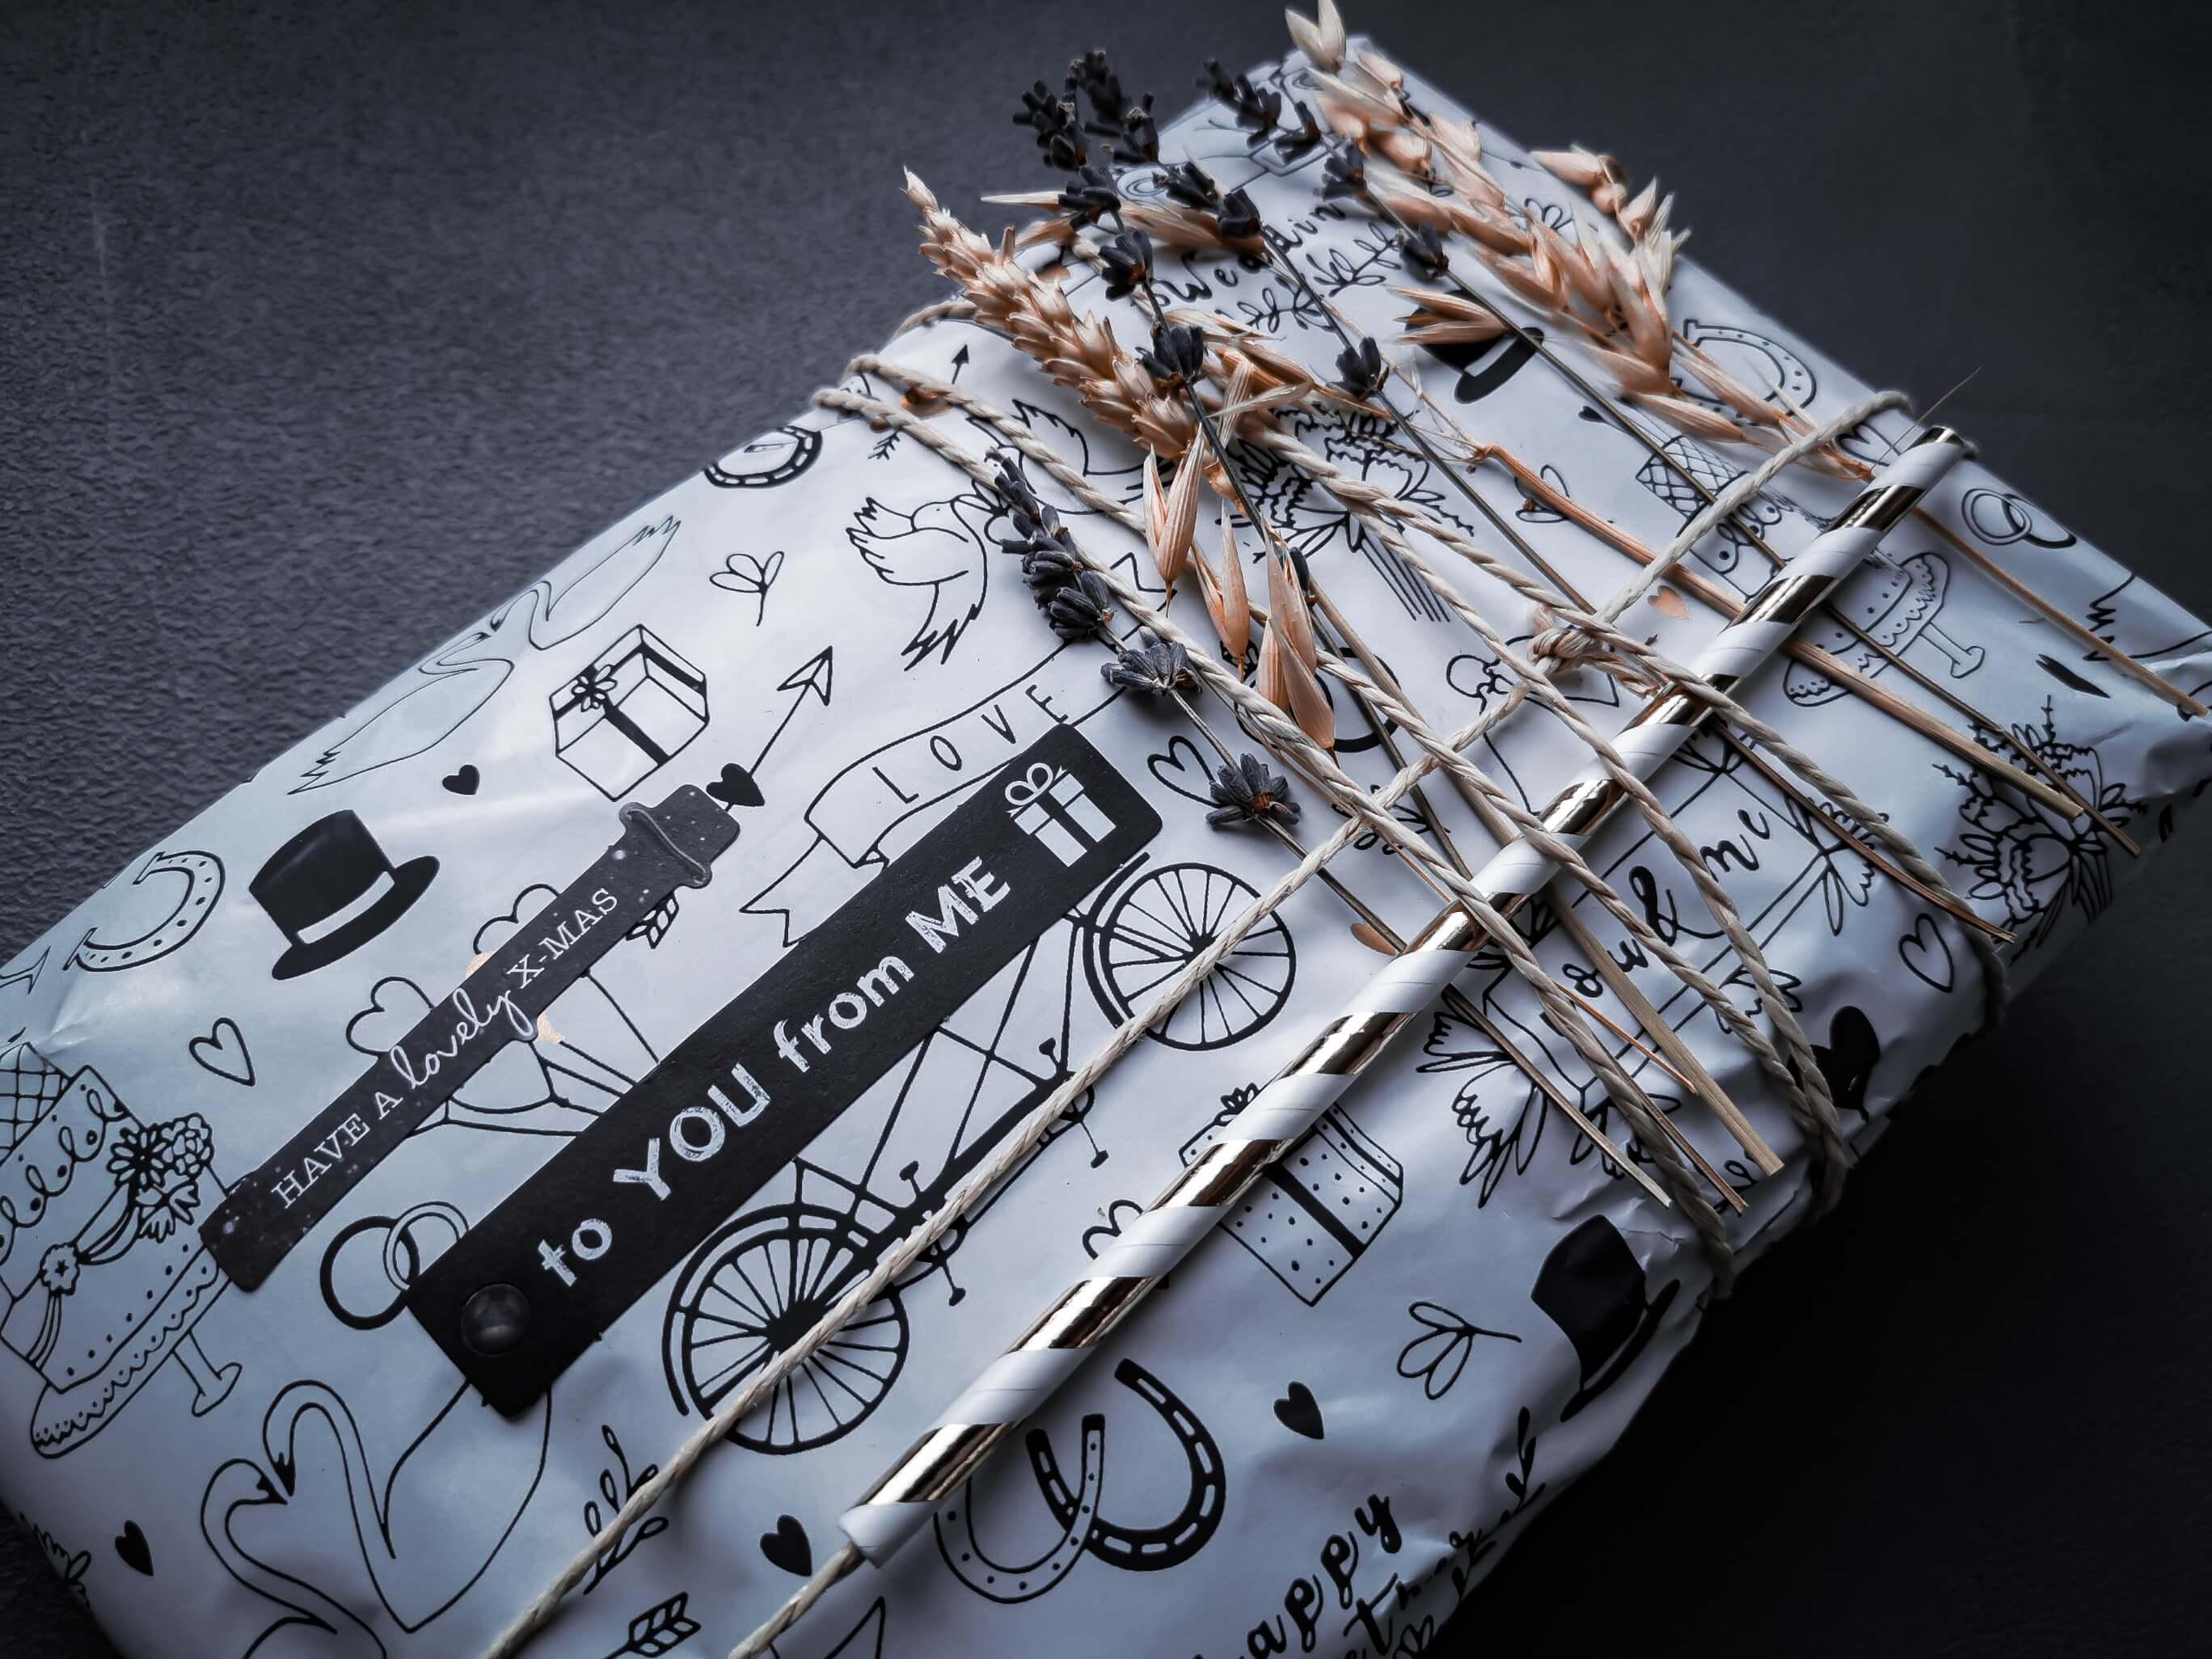 IMG 20191207 113323 resized 20191208 060150706 - 11 tipov ako zabaliť vianočné darčeky originálne a kreatívne